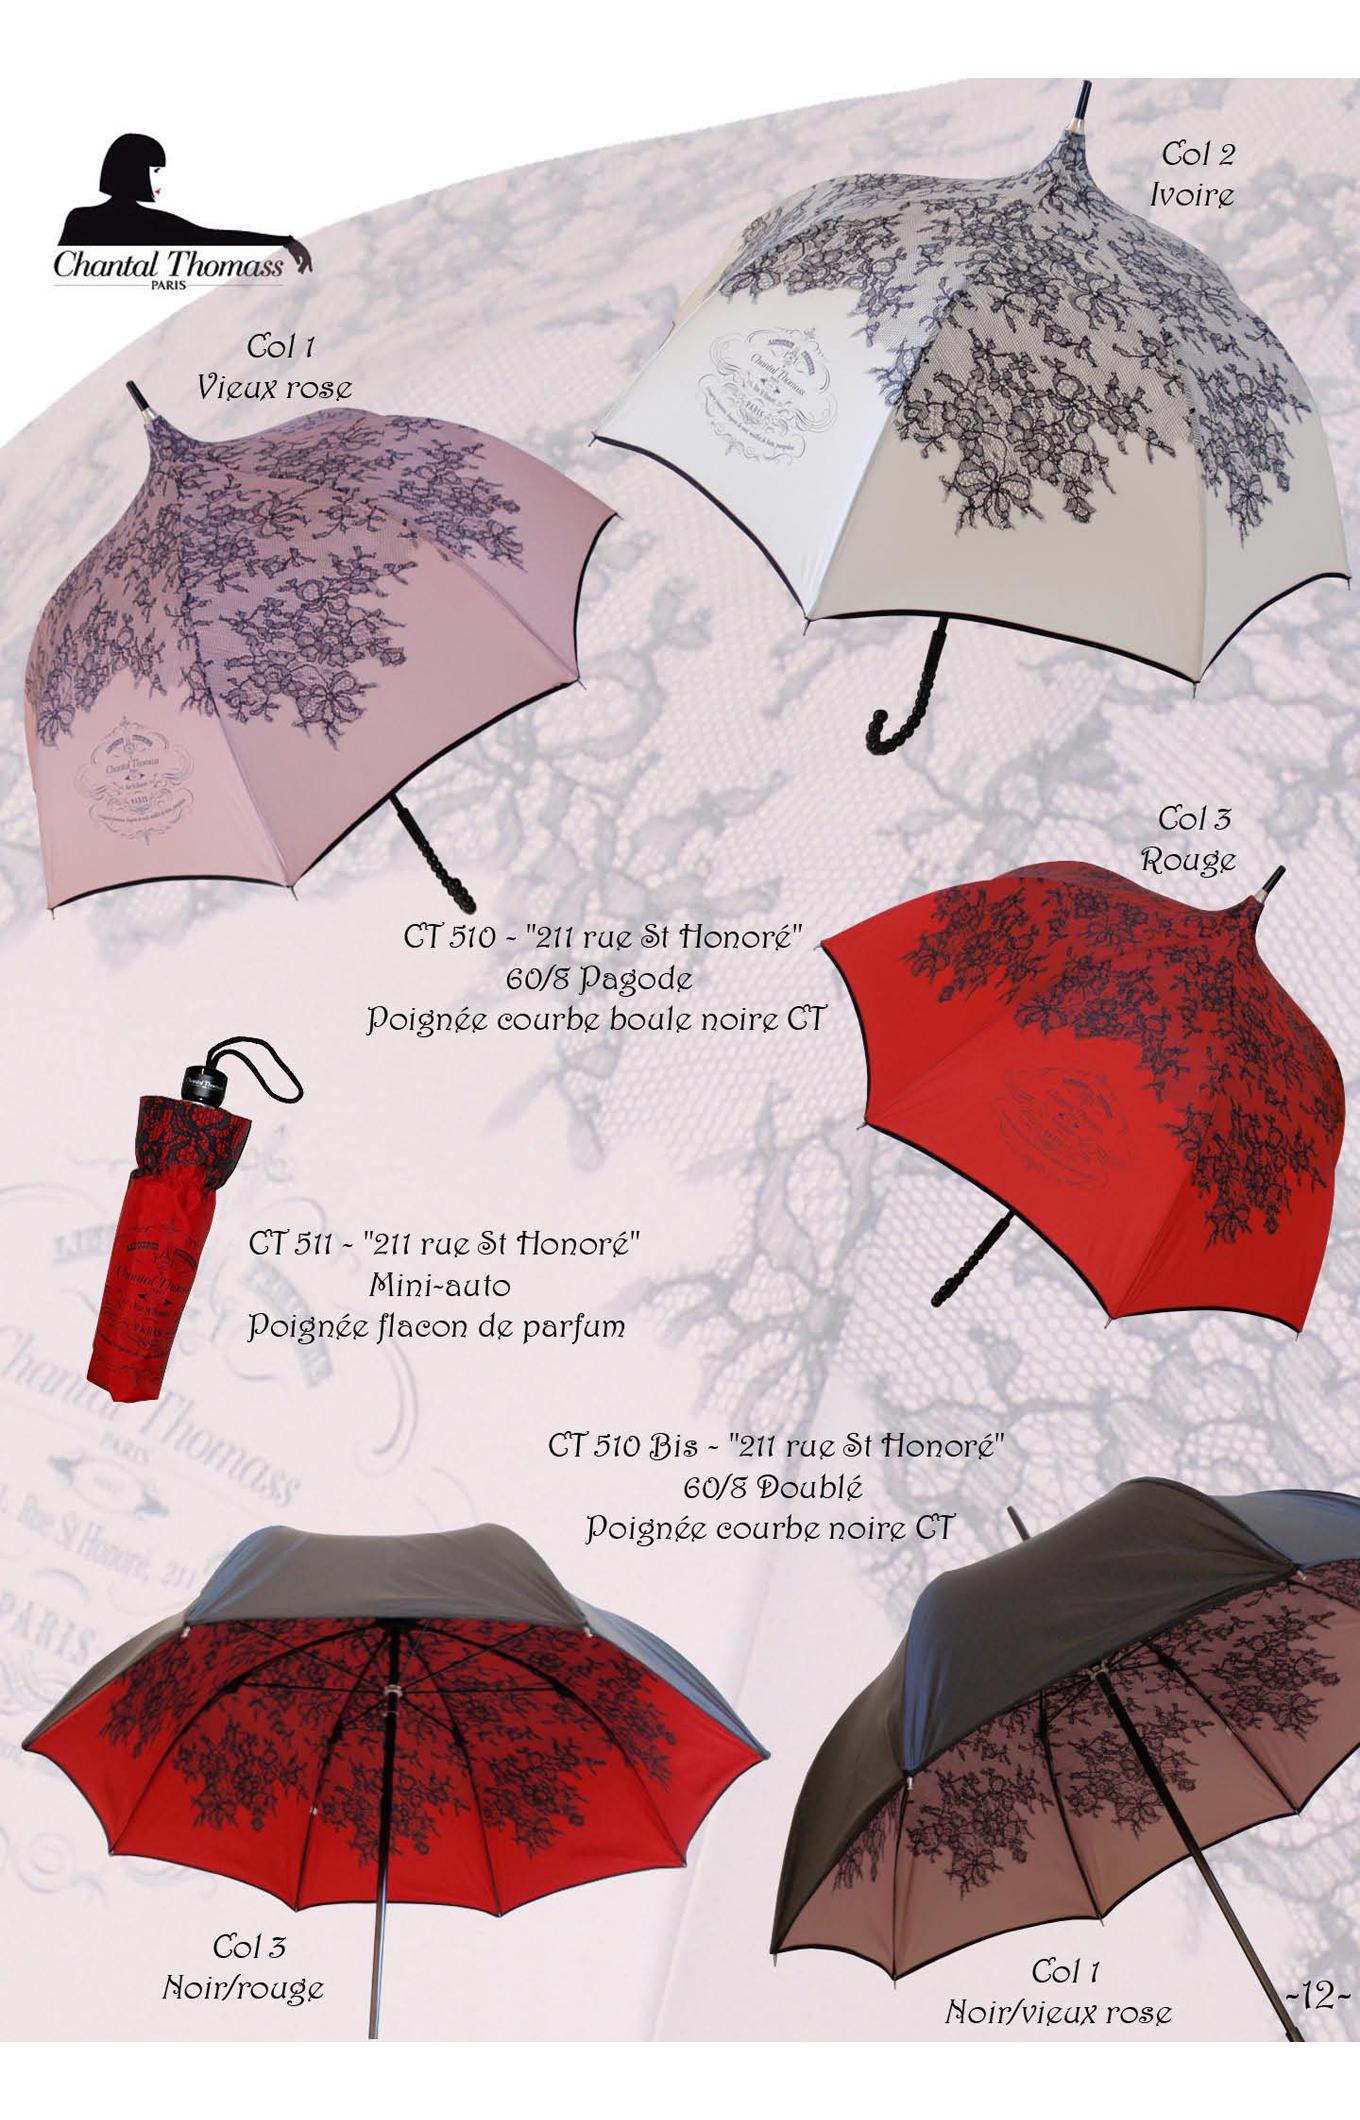 Guy de Jean <br>Umbrella 23